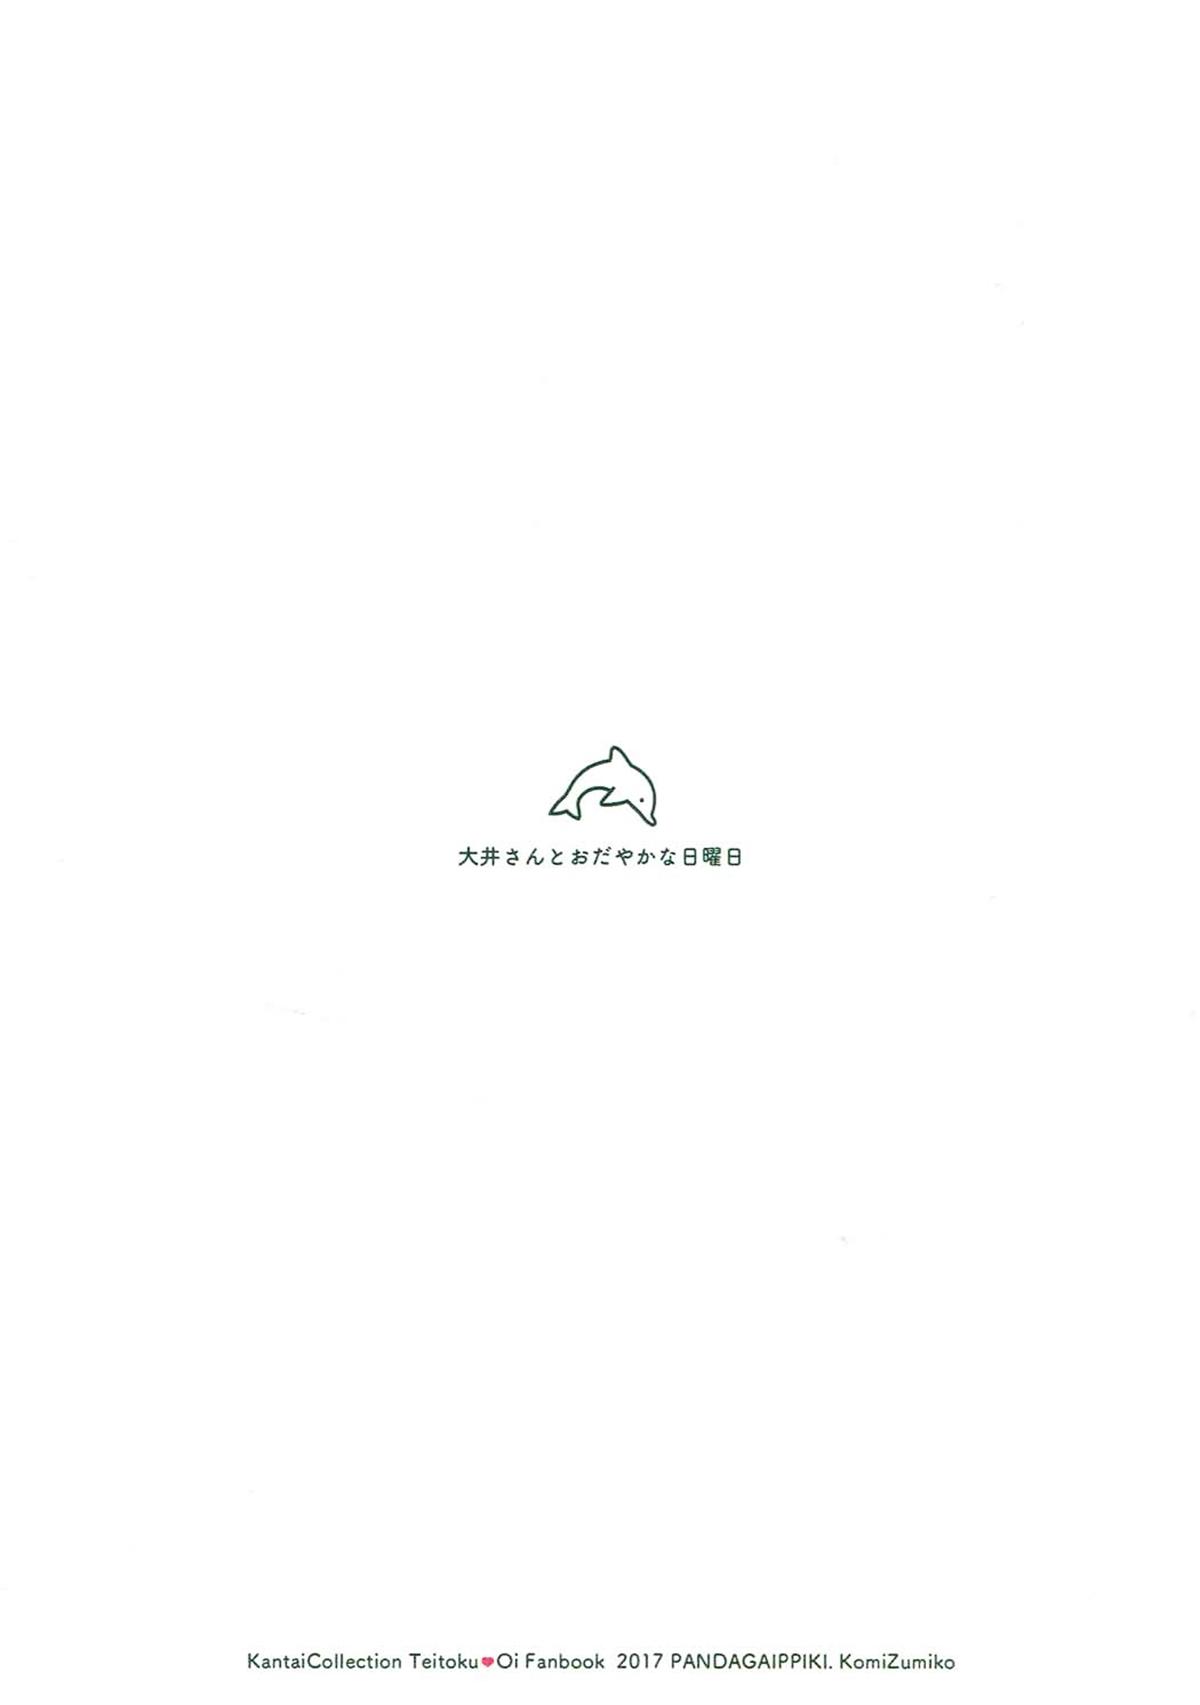 Hình ảnh 38486462920_115151eb89_o trong bài viết Ooi-san to Odayakana Nichiyoubi